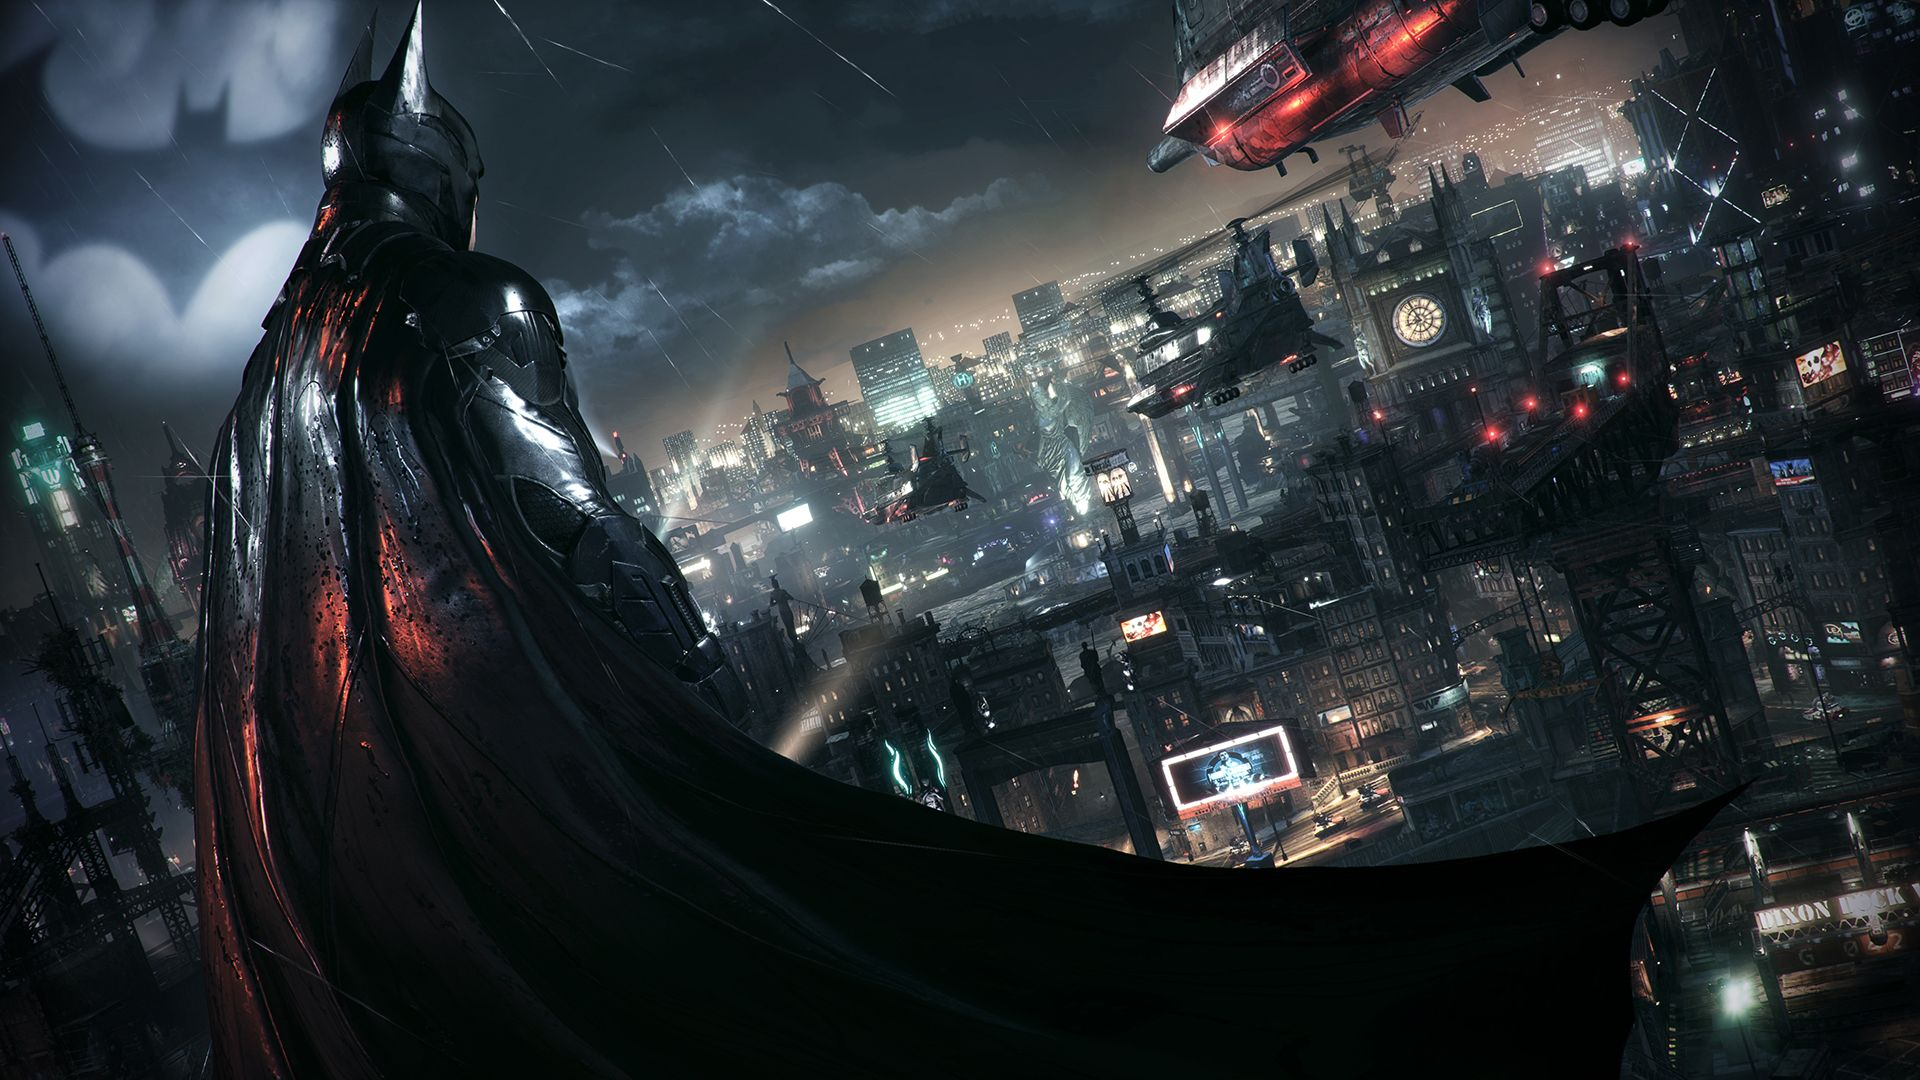 Batman: Arkham Knight (PS4) - the Dark Knight falls